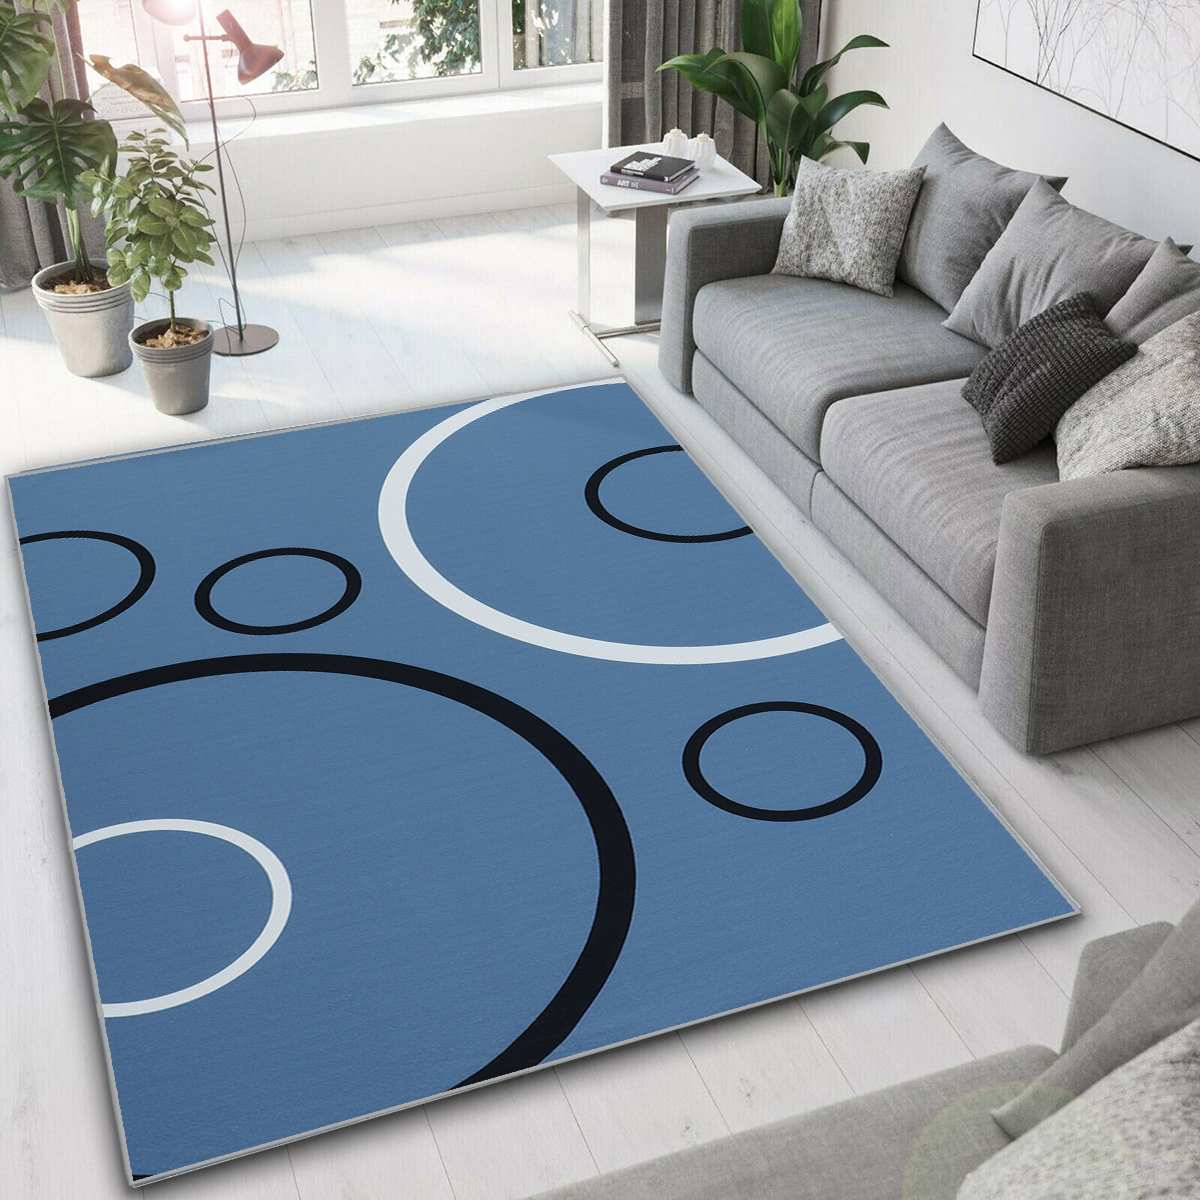 Nouveau abstrait moderne tapis nordique tapis chambre chevet couverture zone tapis doux étude chambre tapis sol pour salon maison